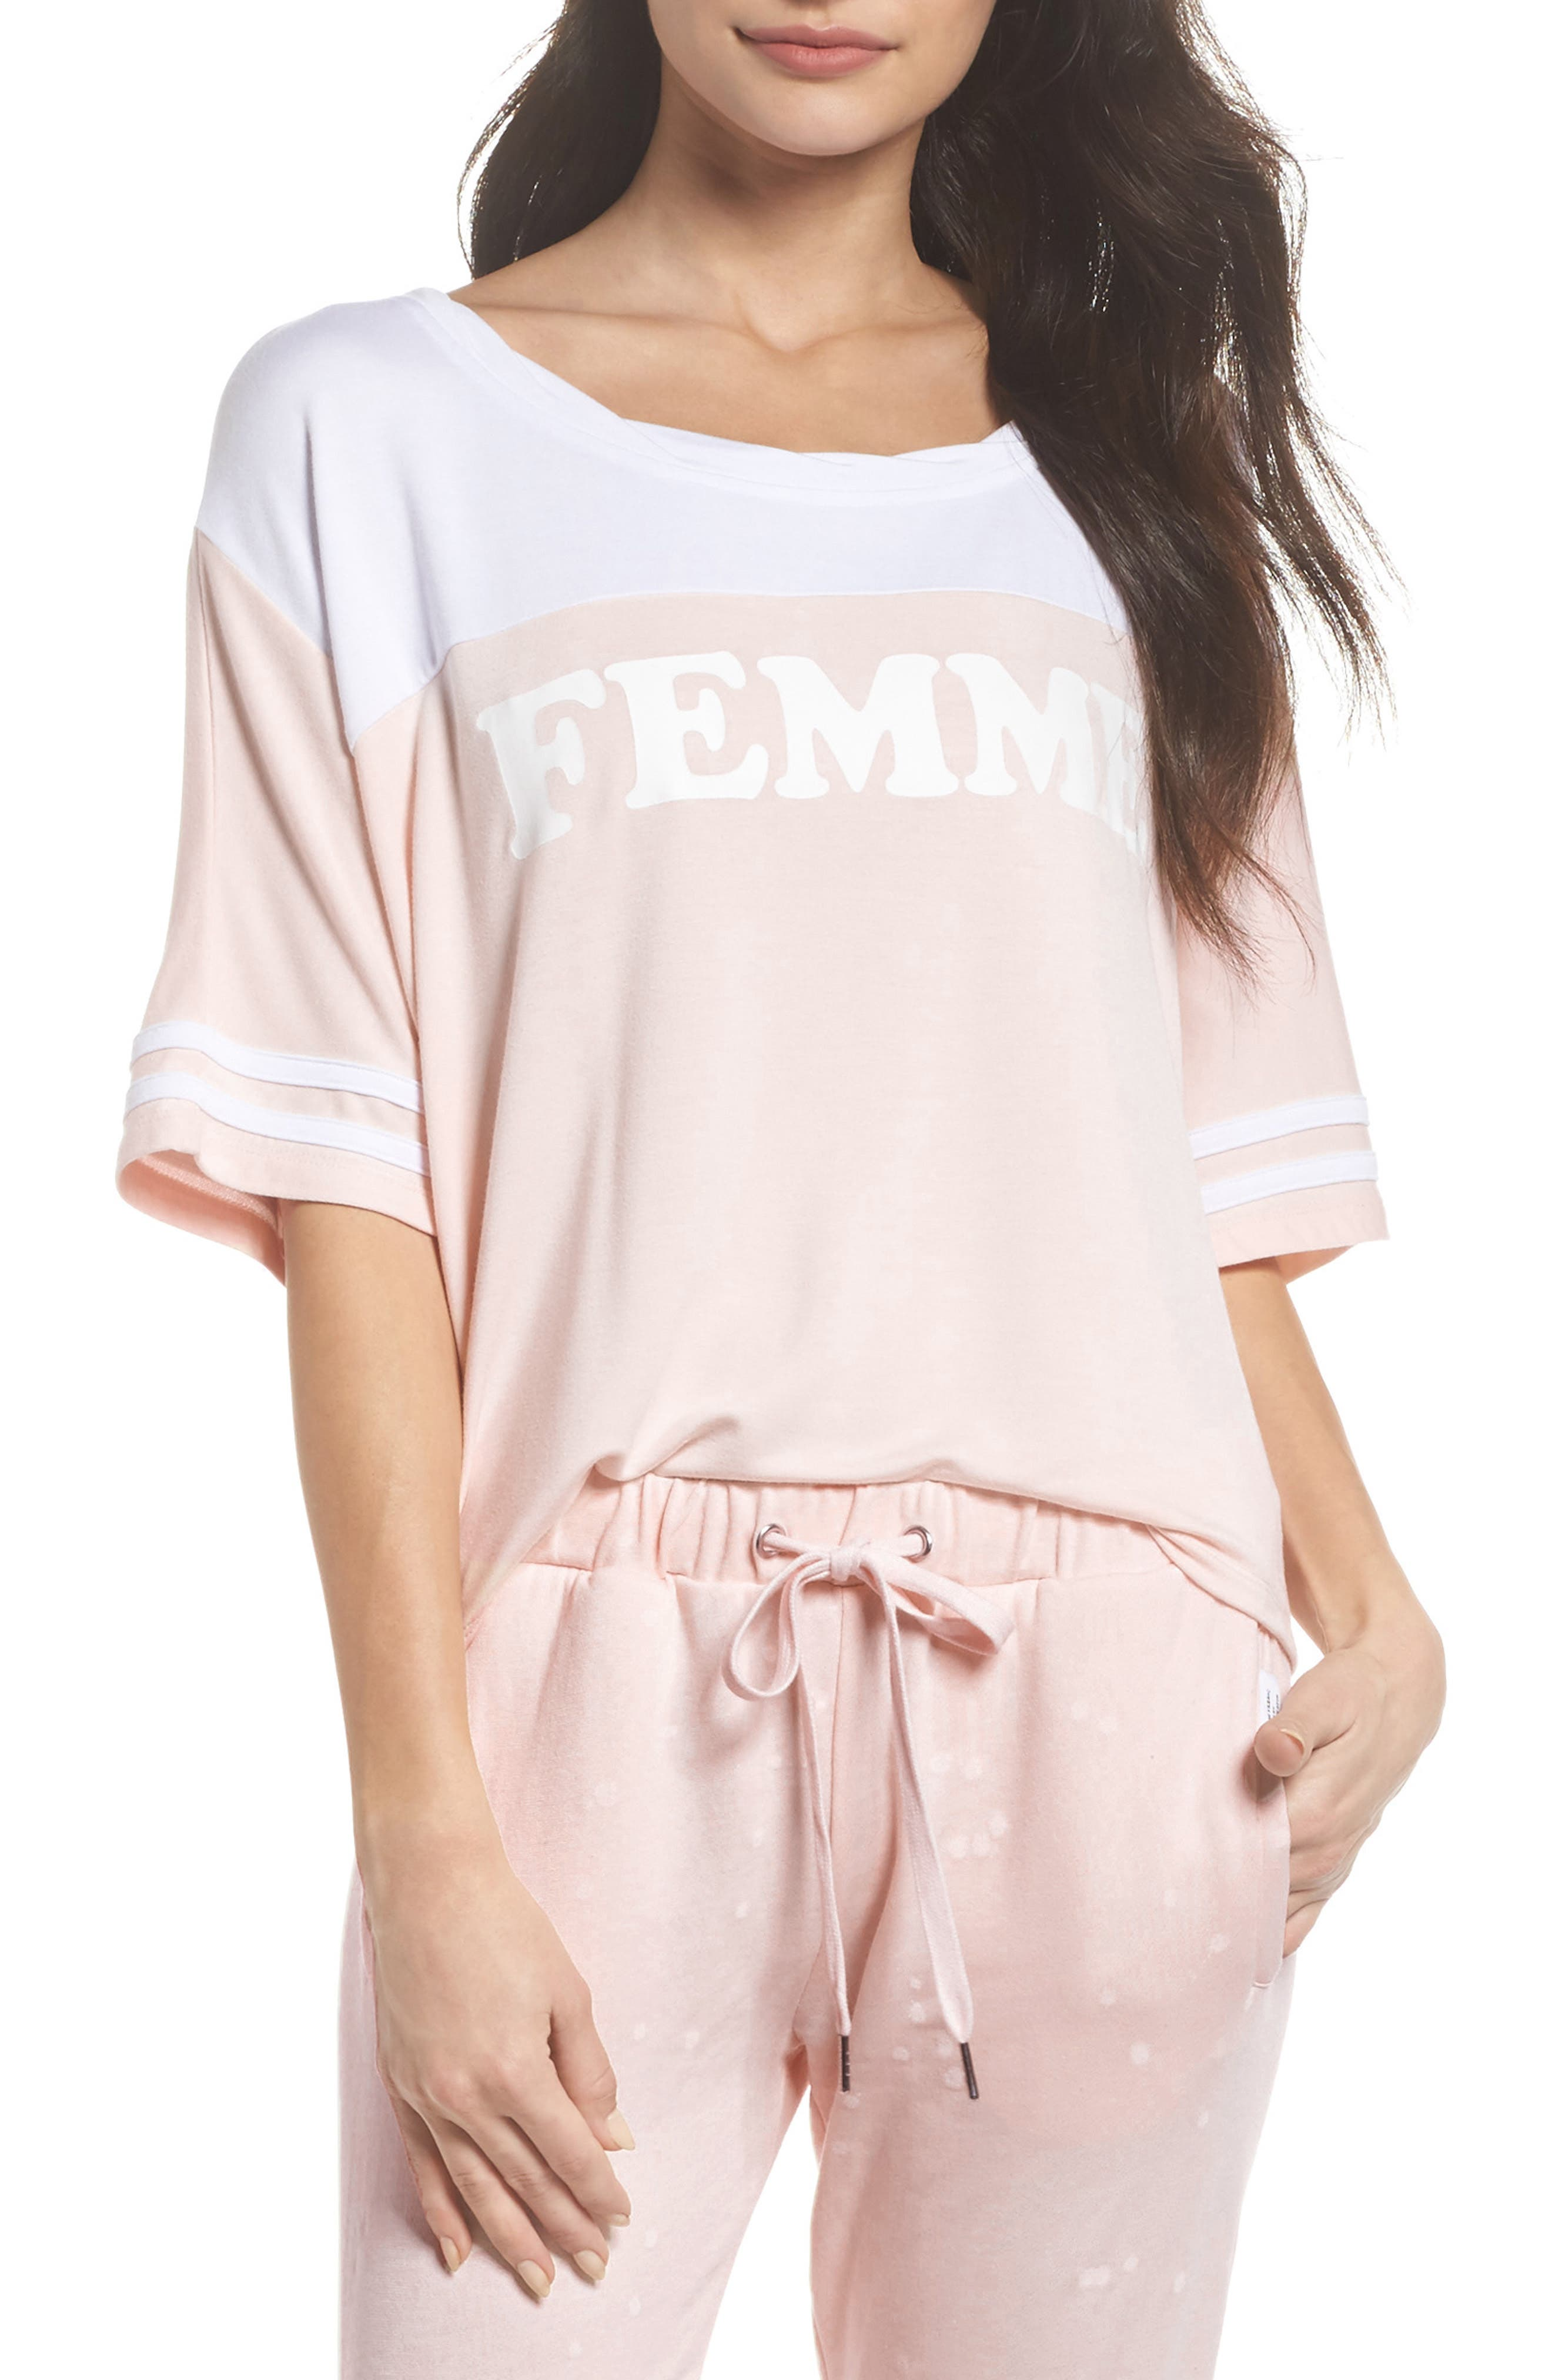 Team Femme Baggy Tee,                         Main,                         color, 693